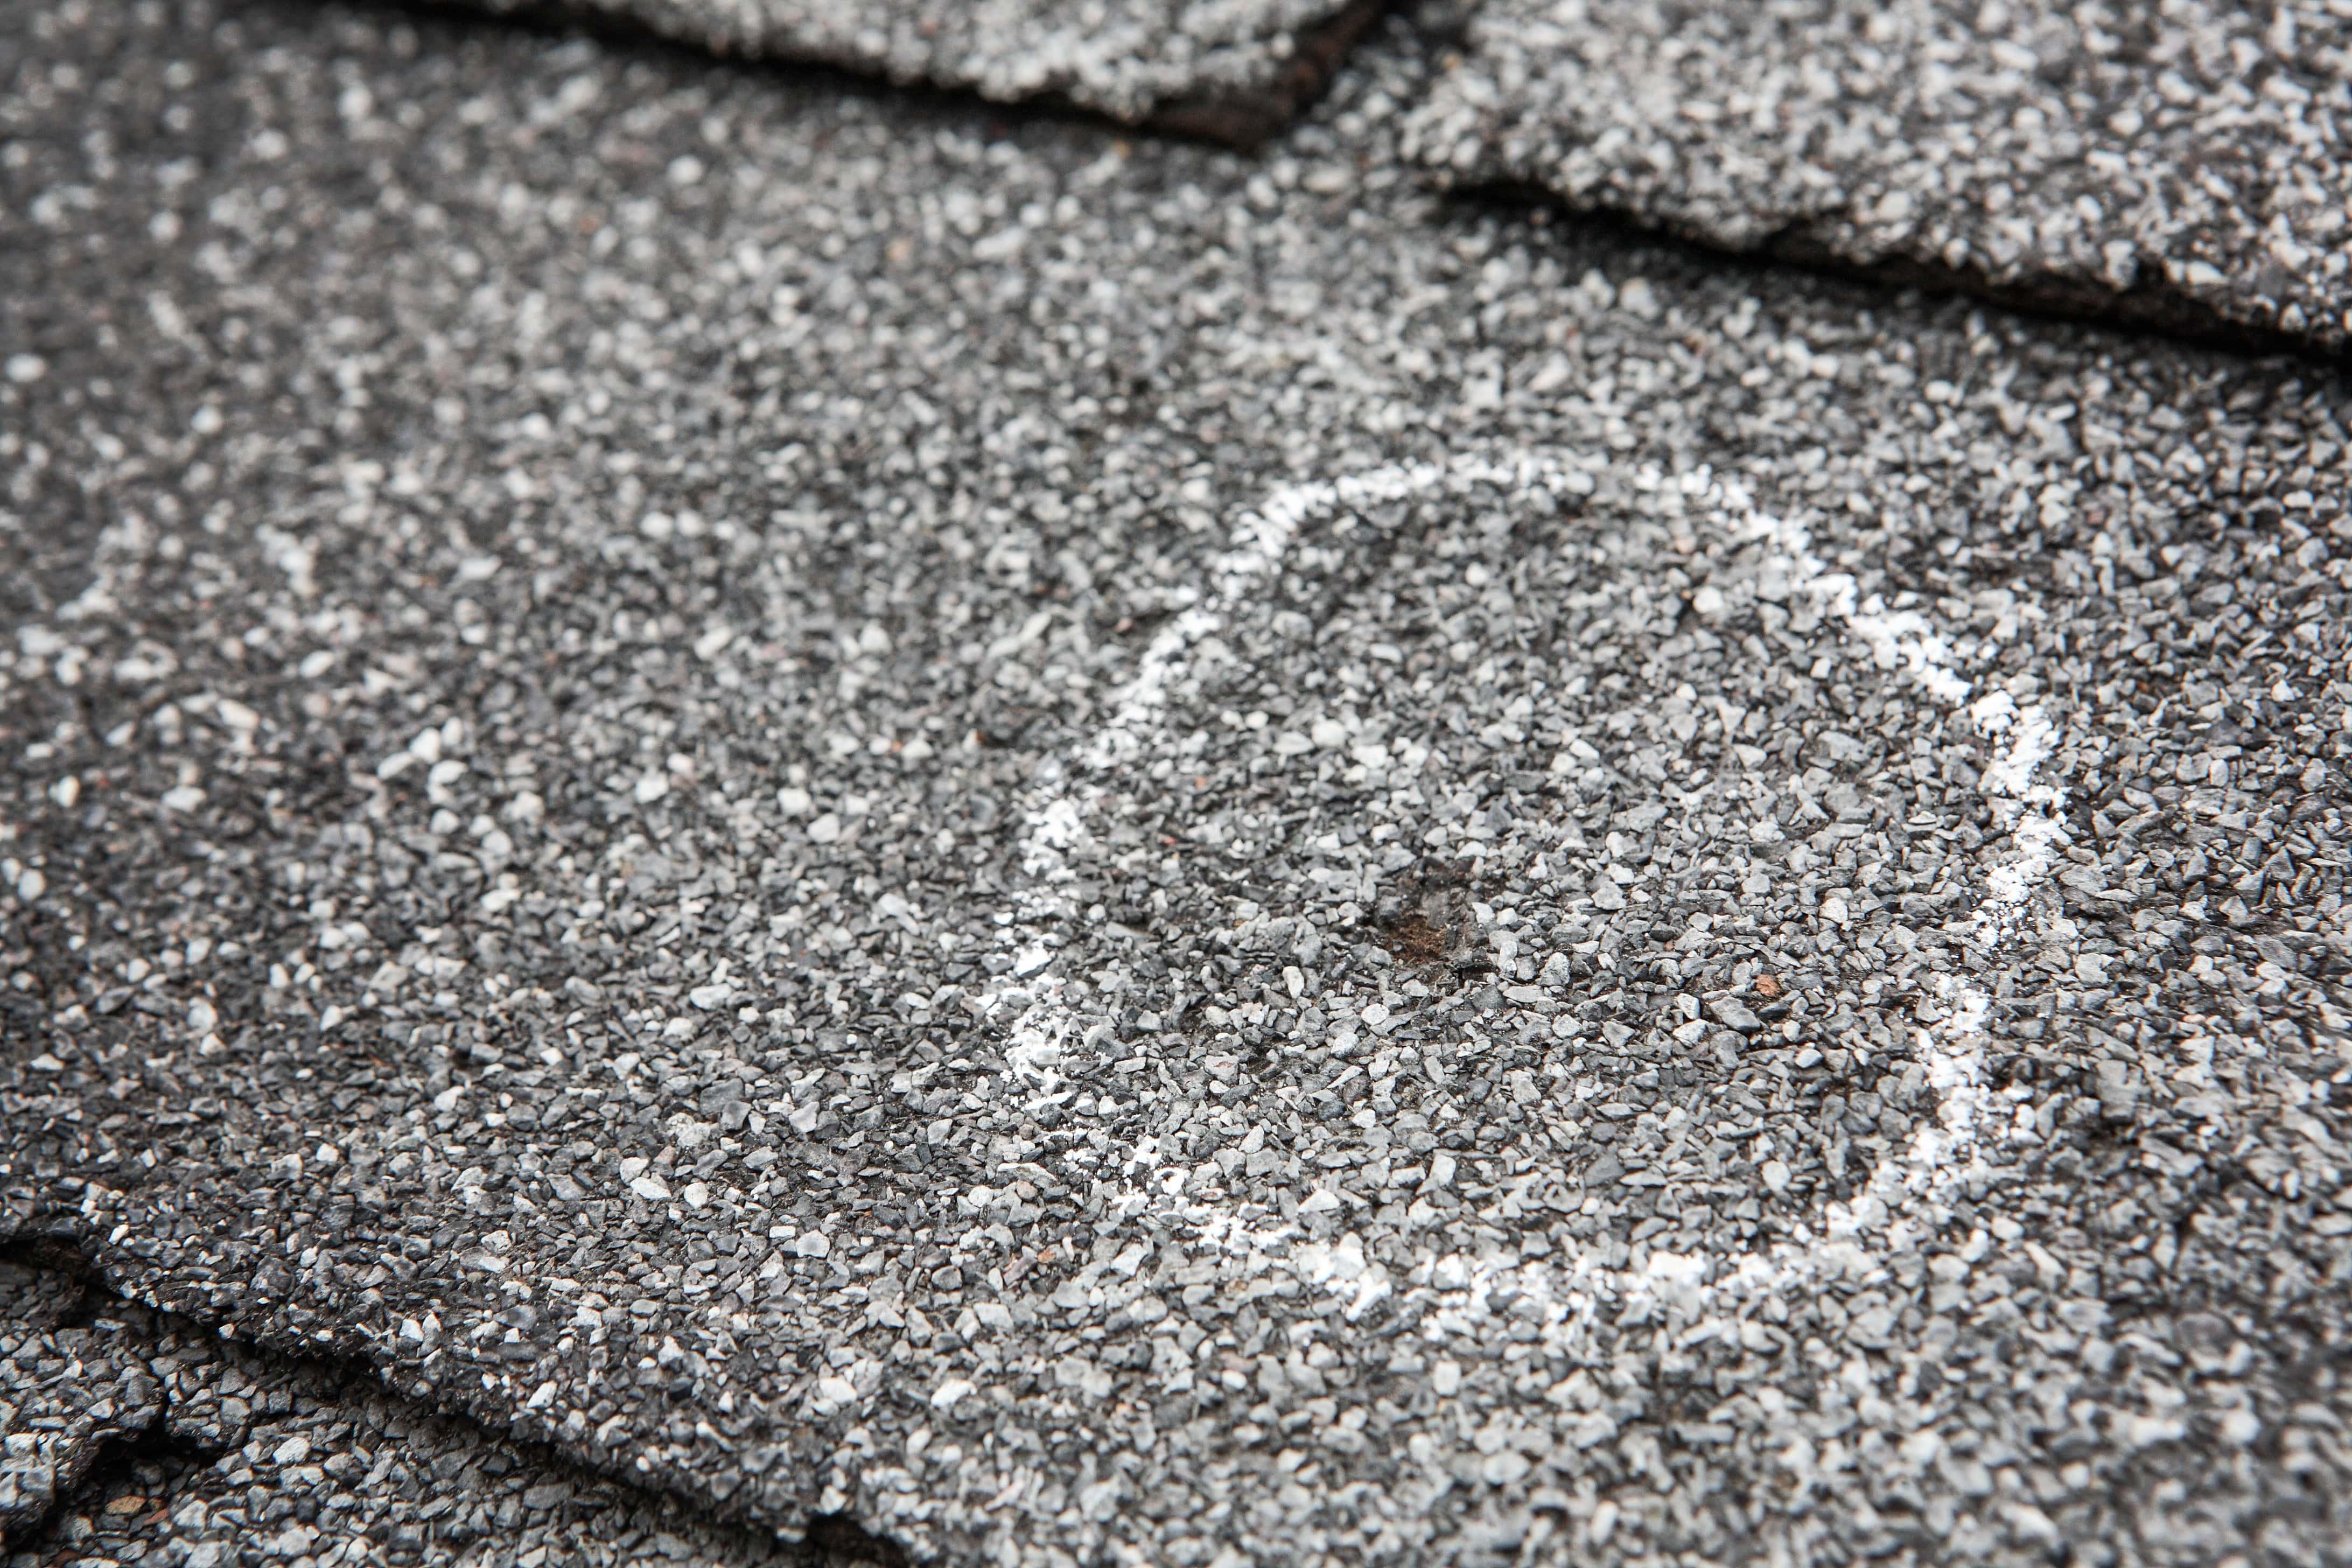 Hail Damage, Shingles, Roof, Roof Damage